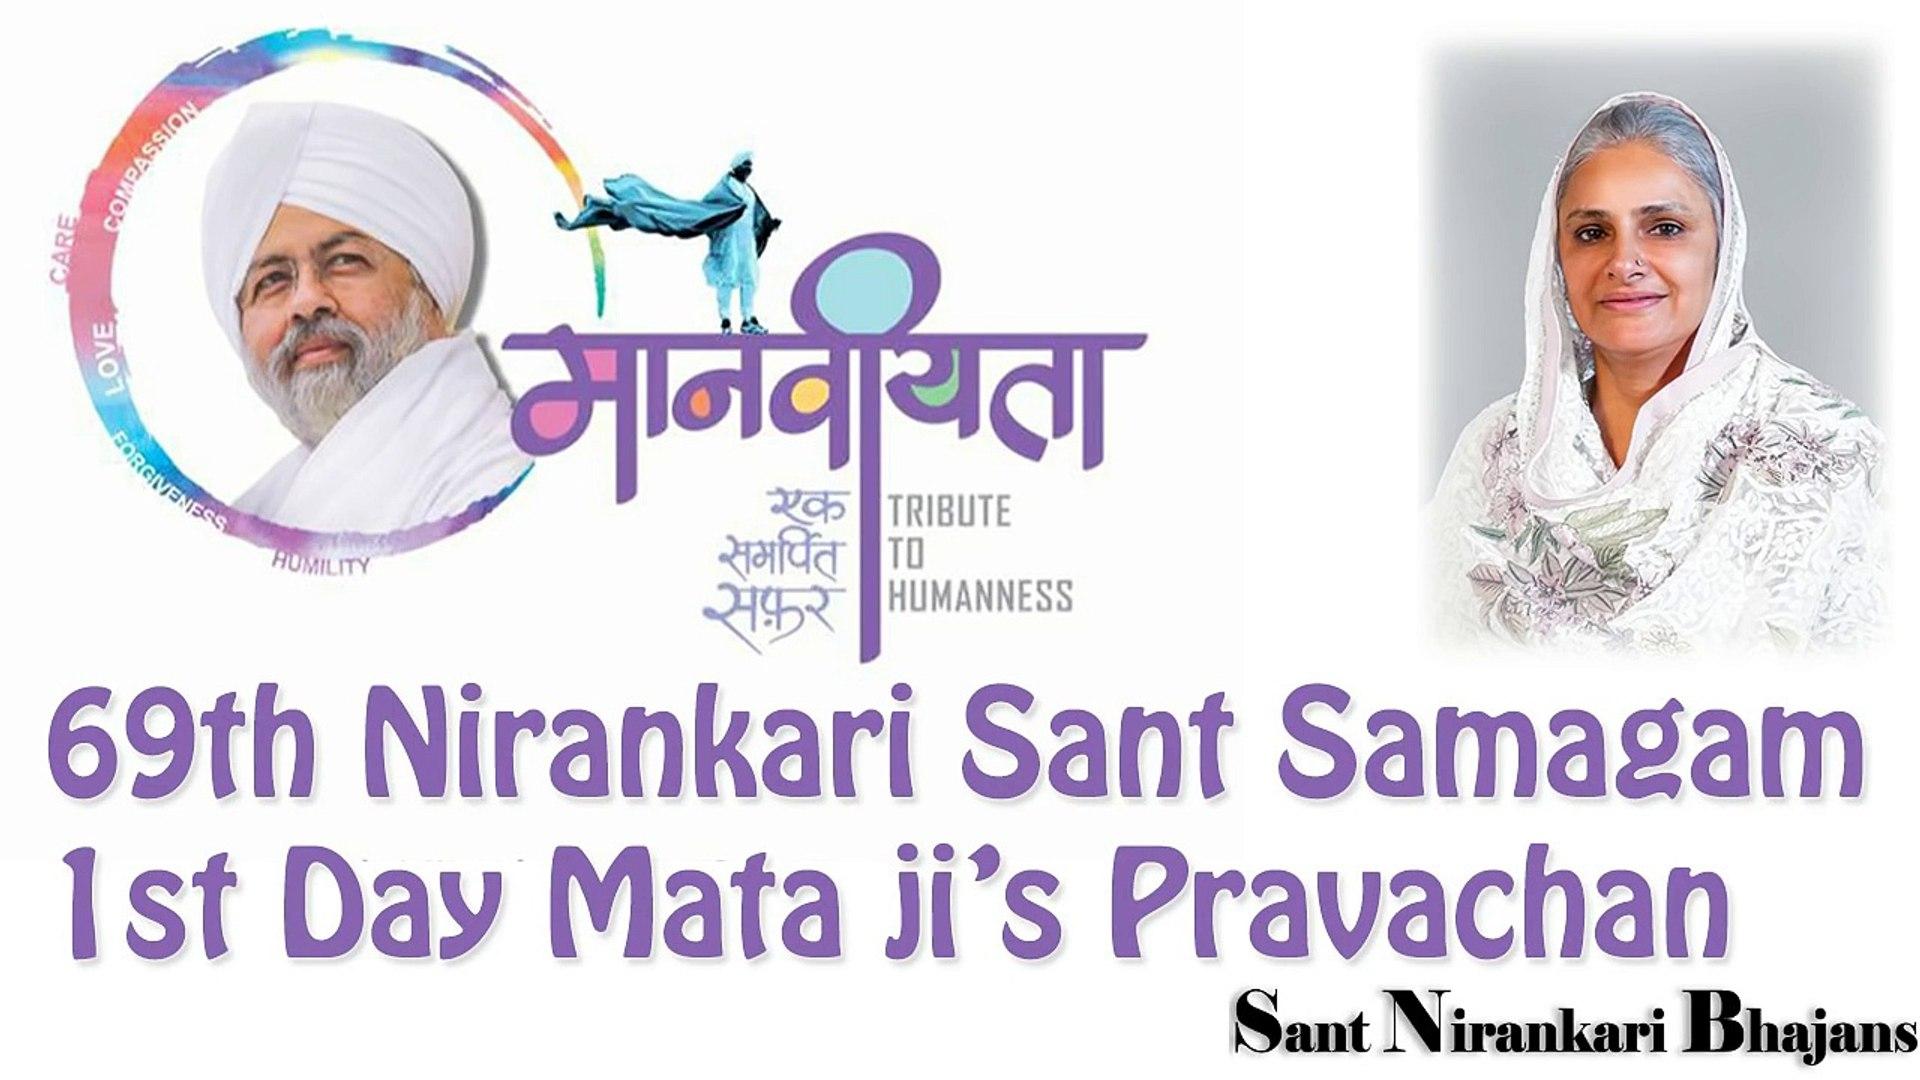 69th Nirankari Samagam 1st Day Mata ji's Pravachan Sant Nirankari Samagam  2016